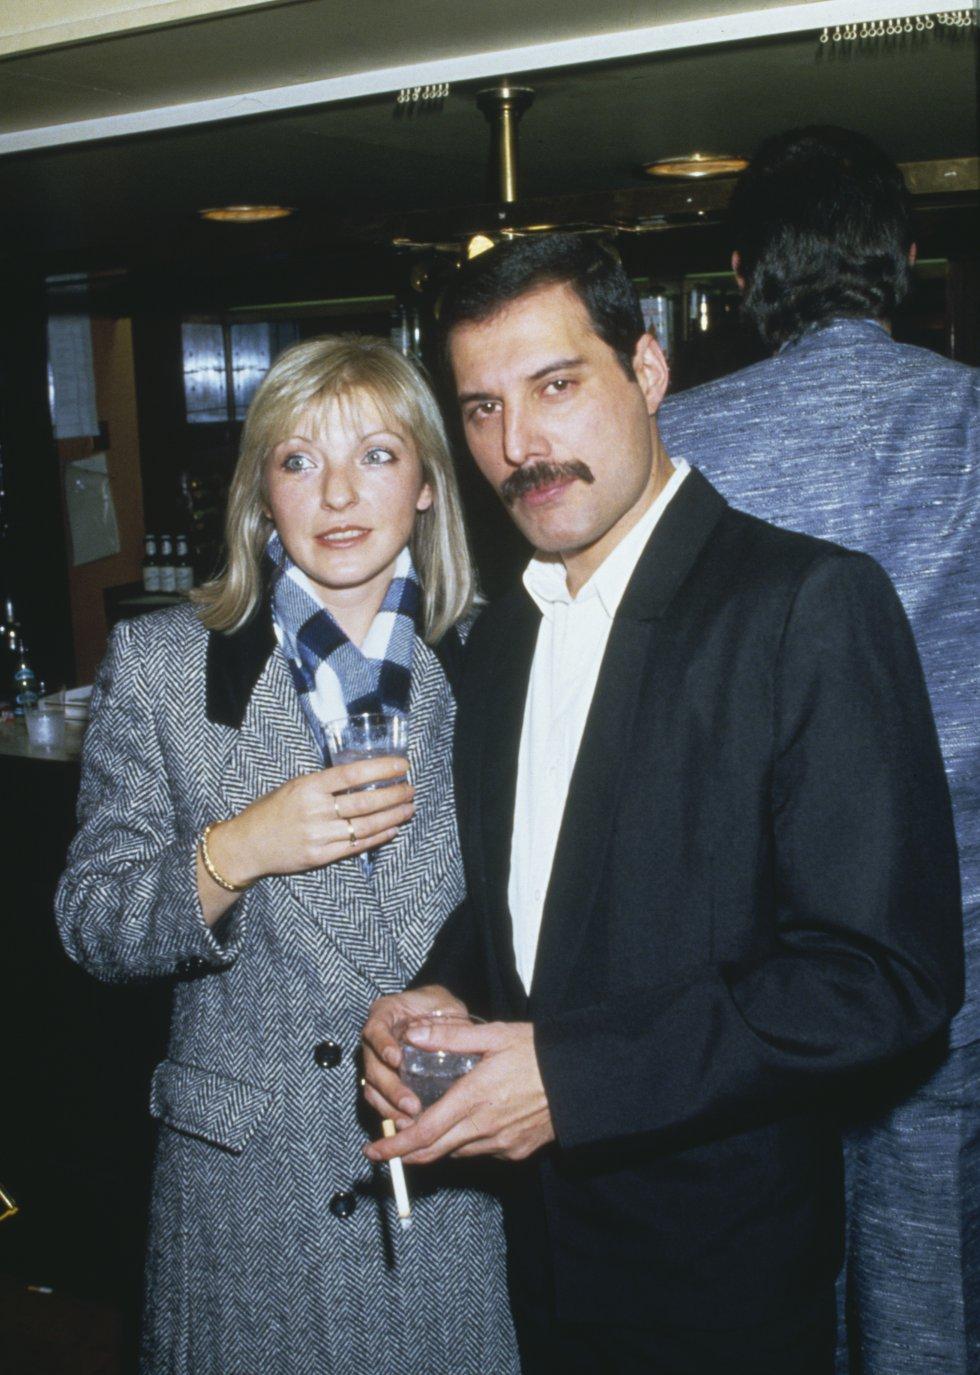 Fotos Freddie Mercury Y Mary Austin El Amor Más Extraño De La Historia Del Rock En 14 Imágenes Icon El País